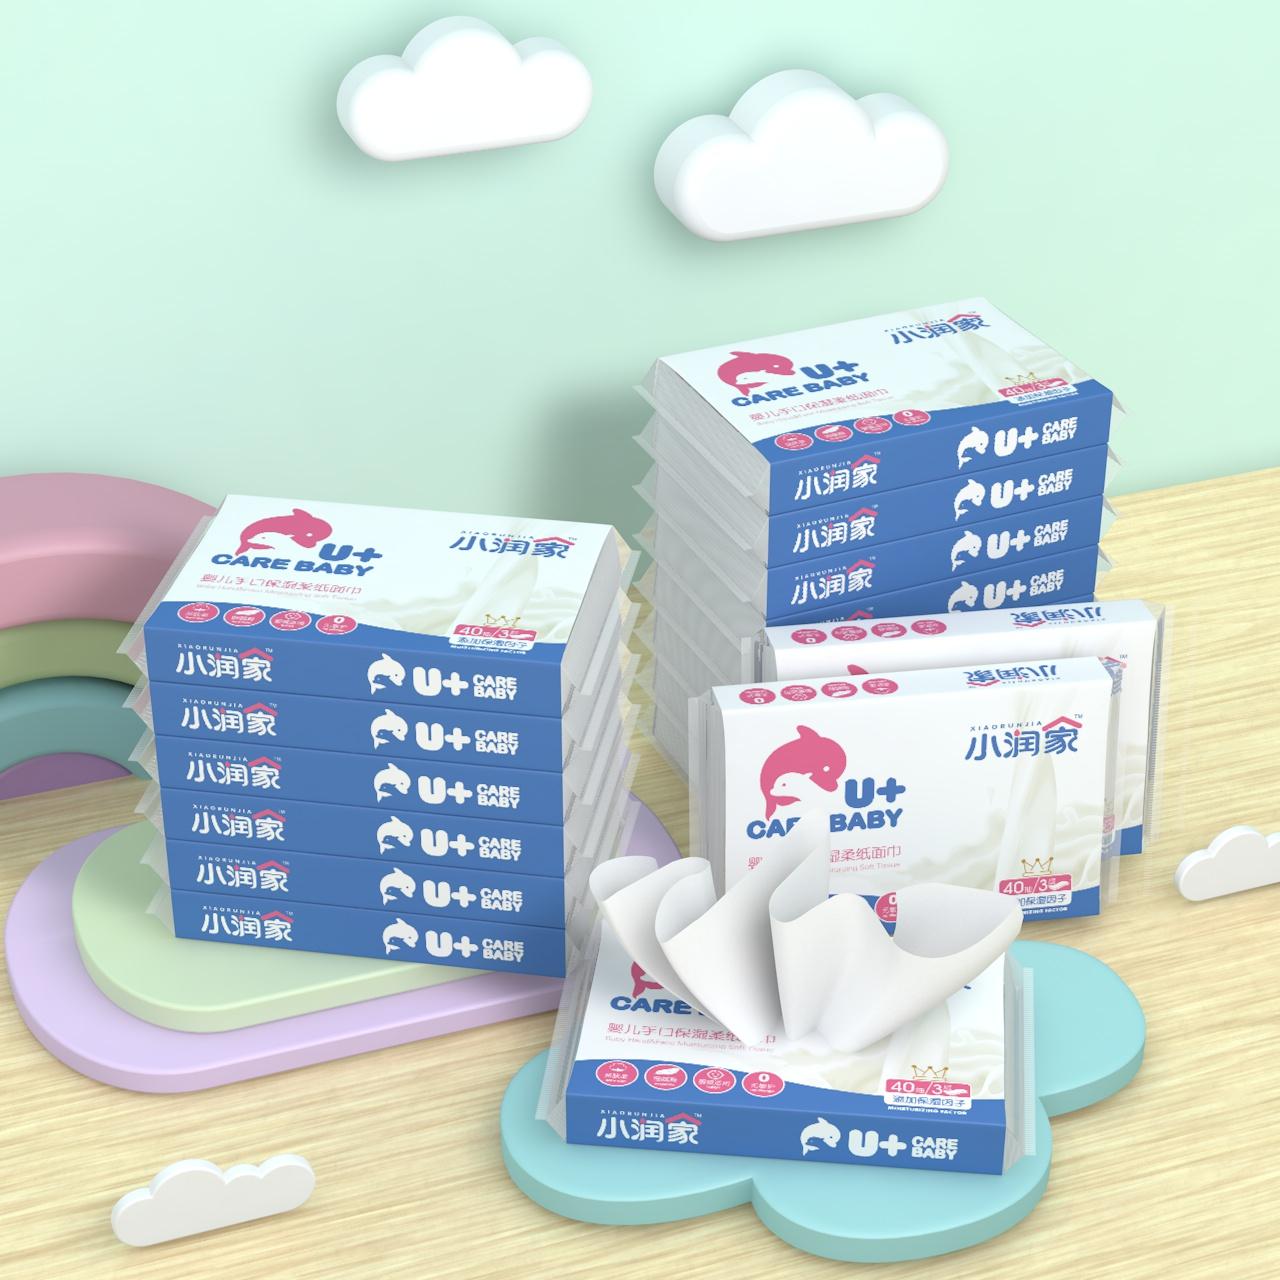 小润家保湿柔纸巾40抽20包婴儿纸巾宝宝专用新生儿抽纸超柔实惠装